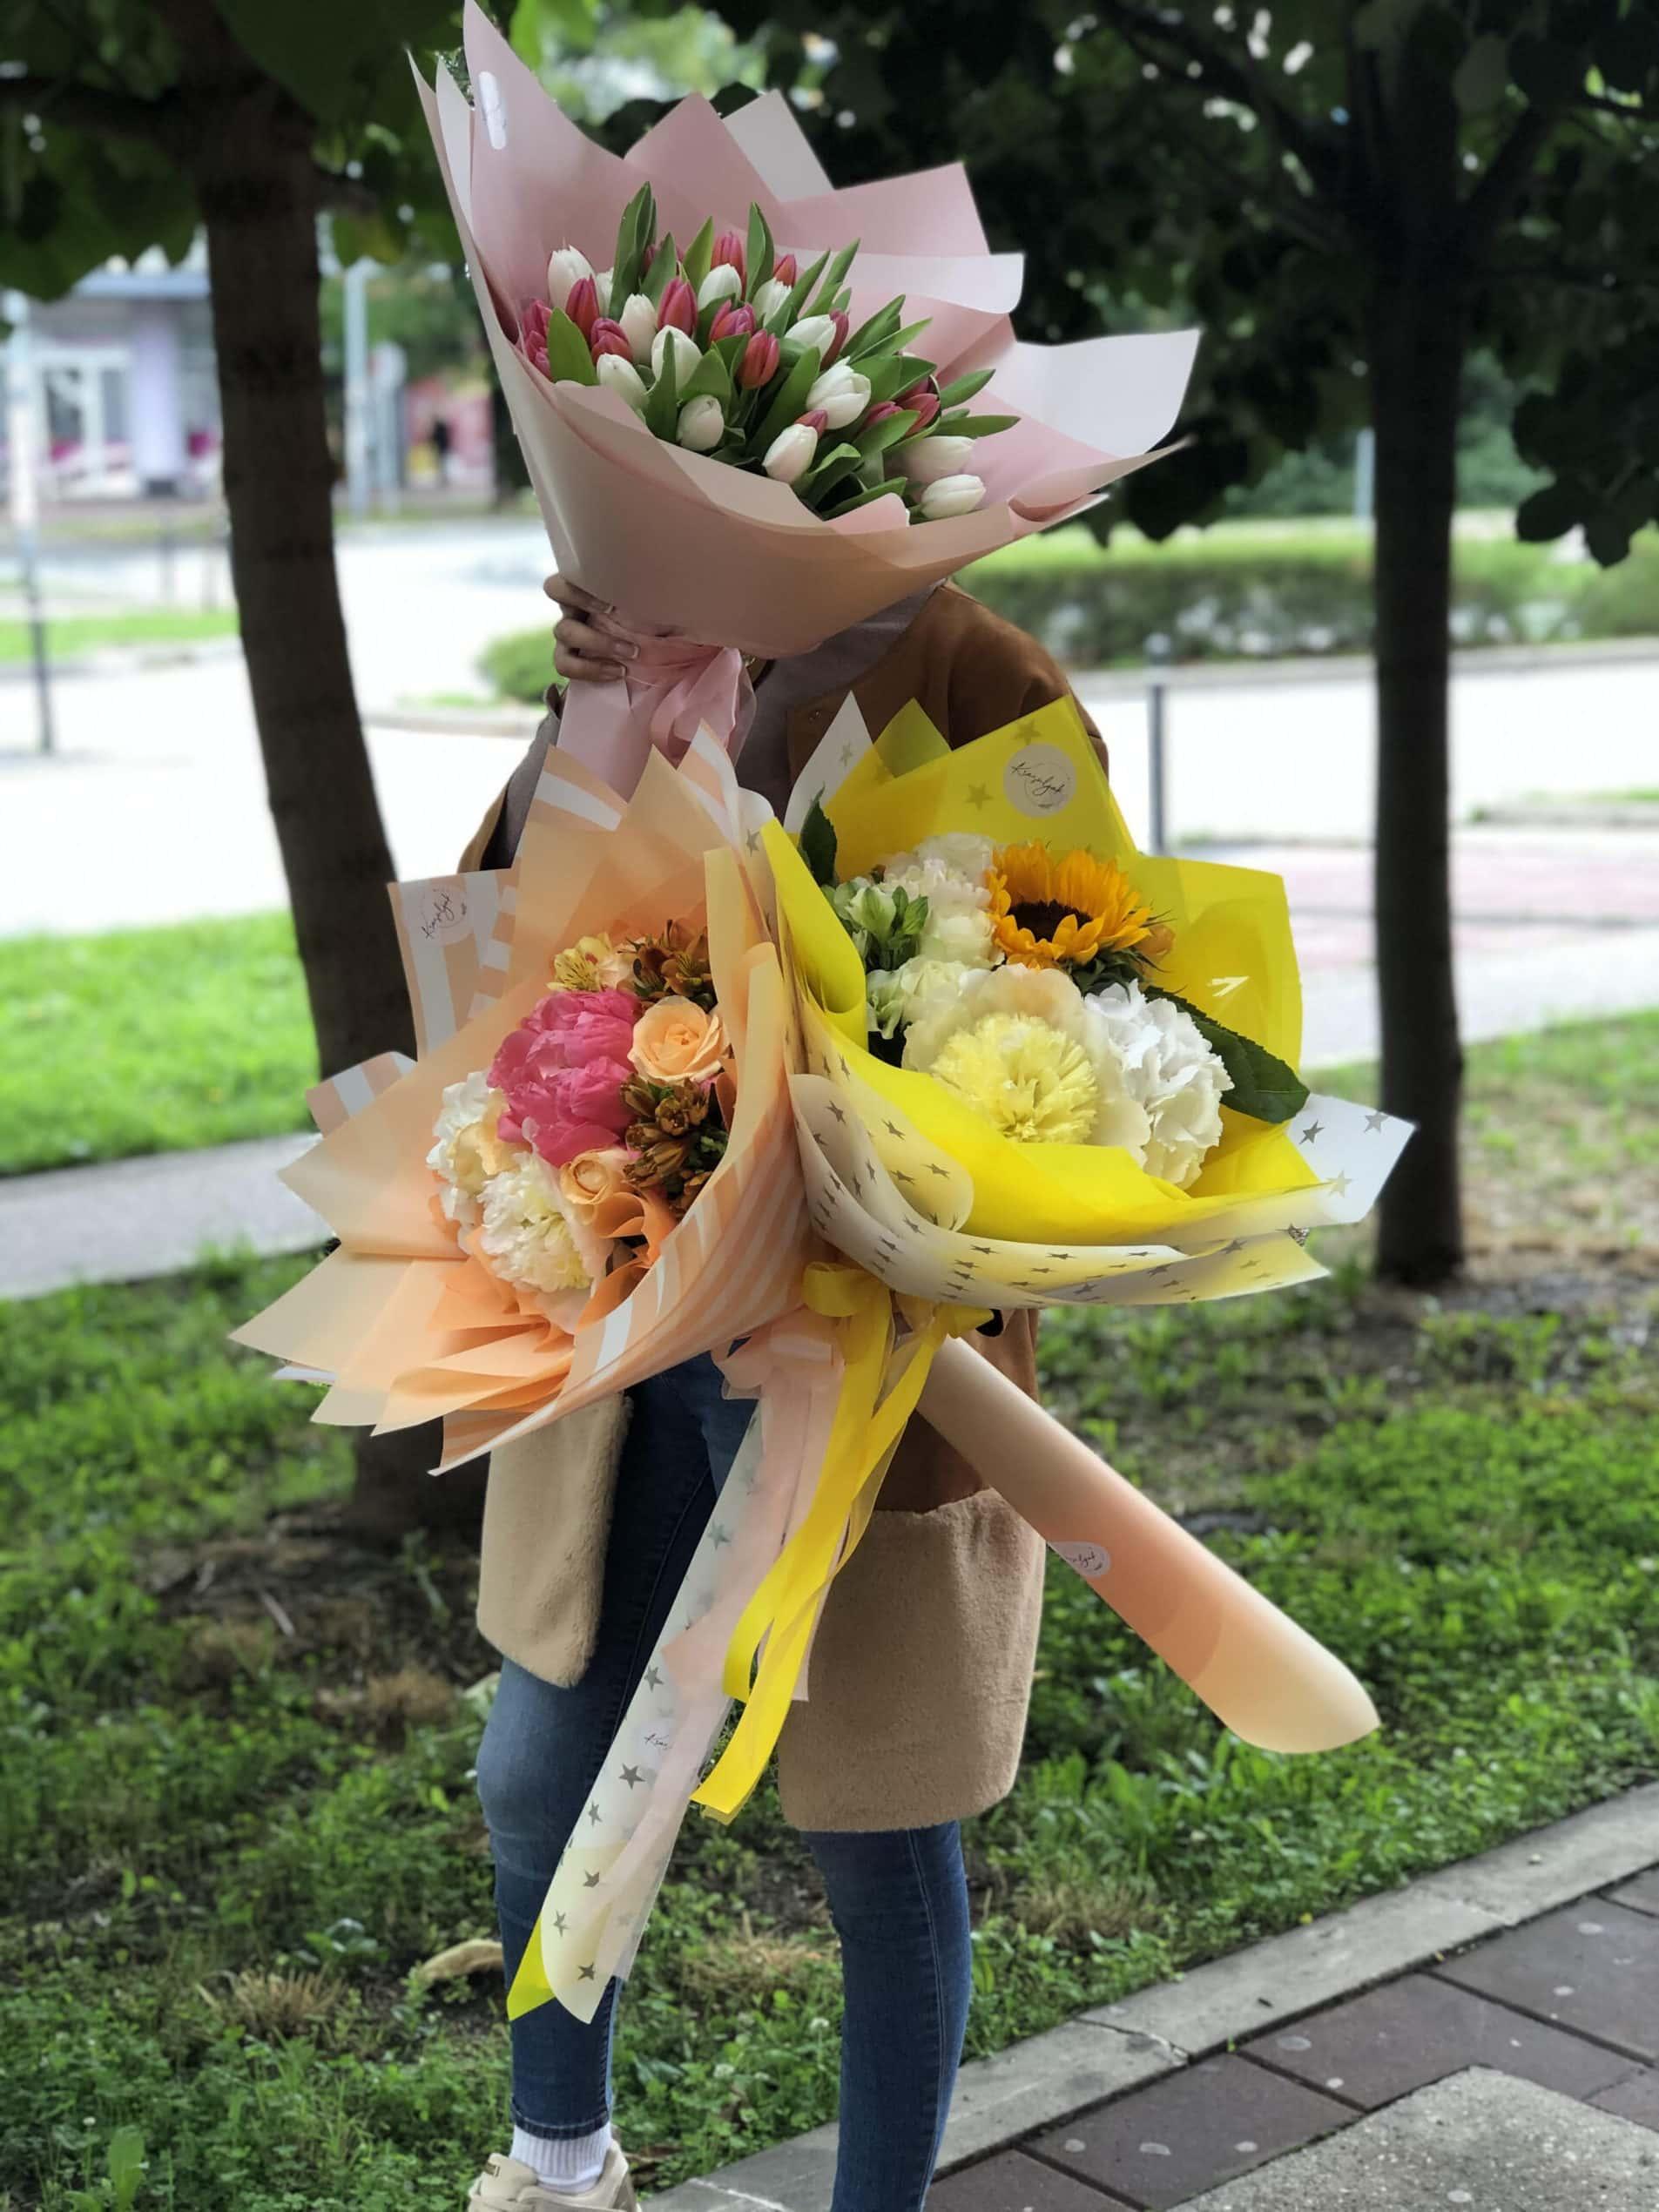 Cvece - bozuri, suncokreti, ruže, žuto, narandžasto